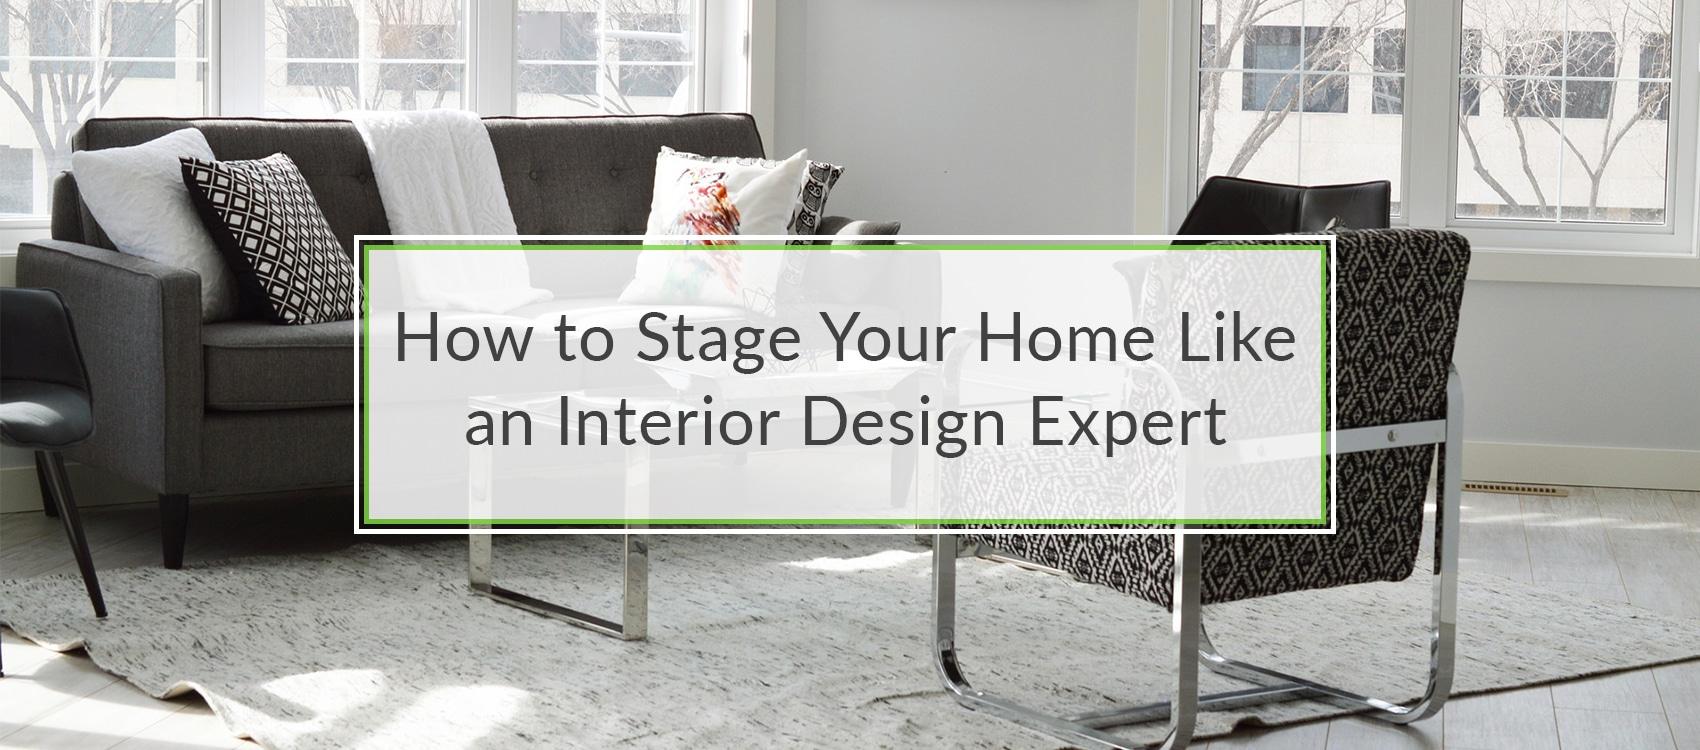 interior design expert